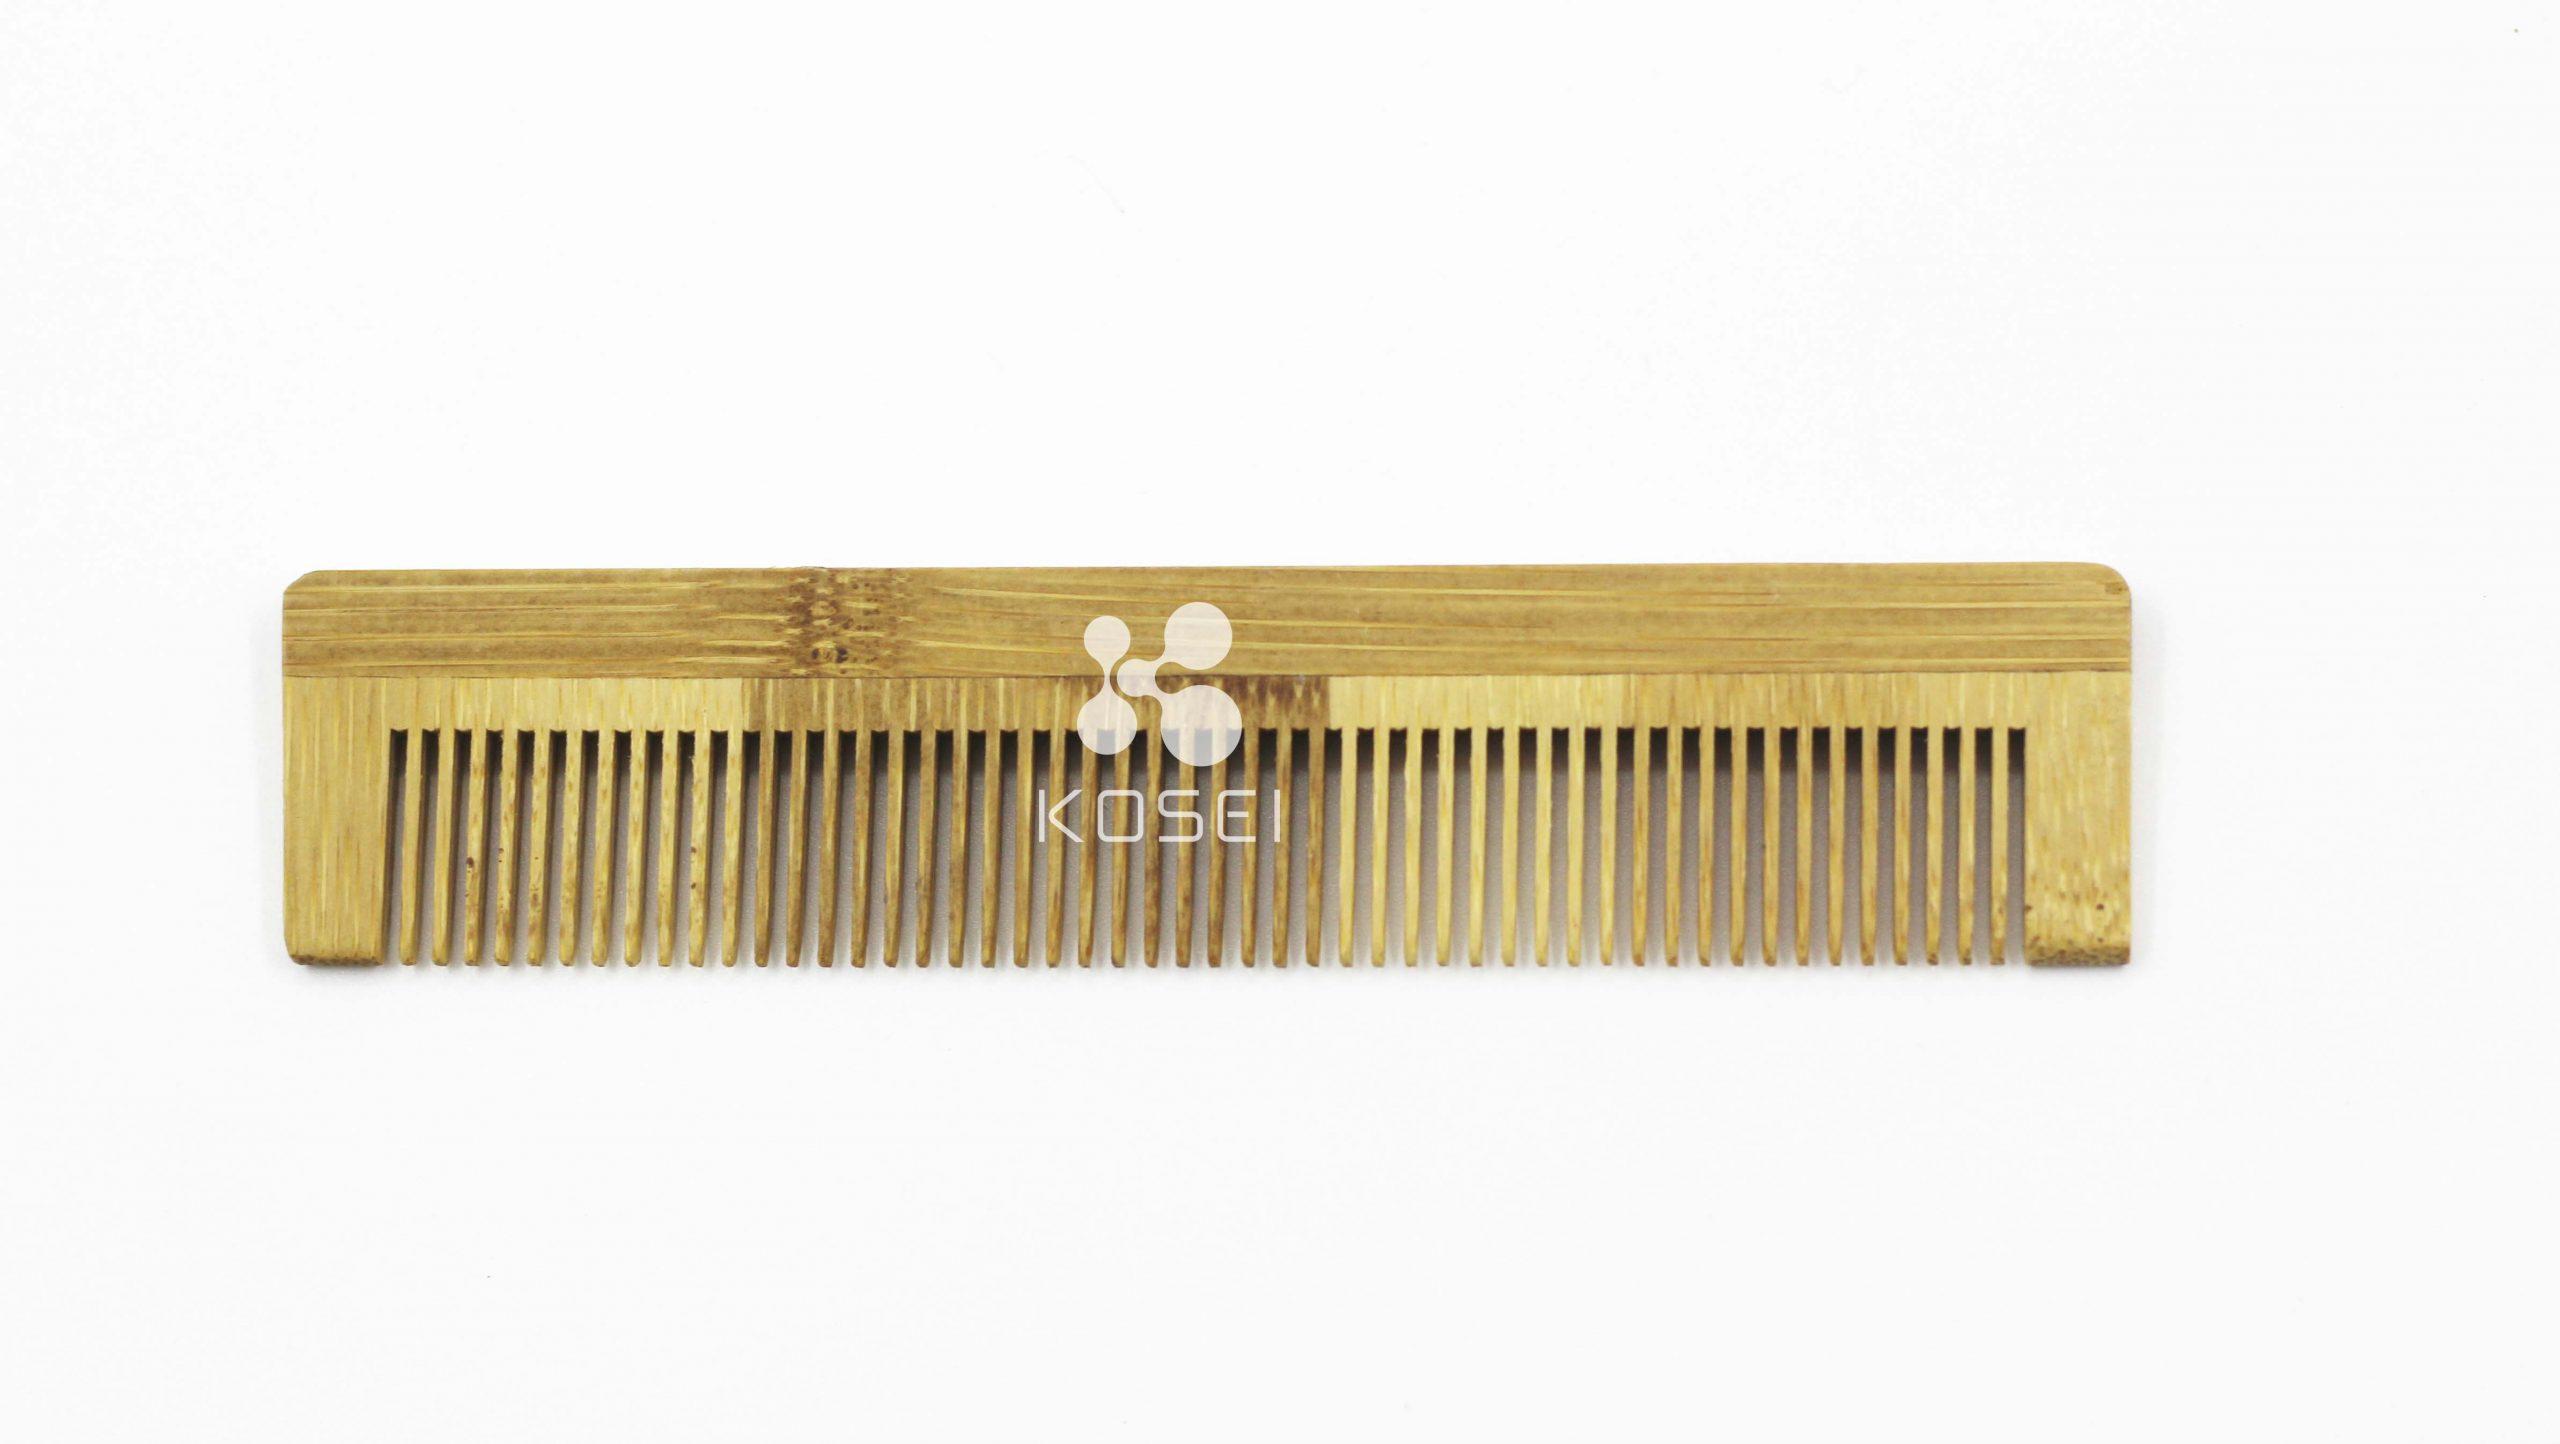 Lược tre – Bamboo Comb